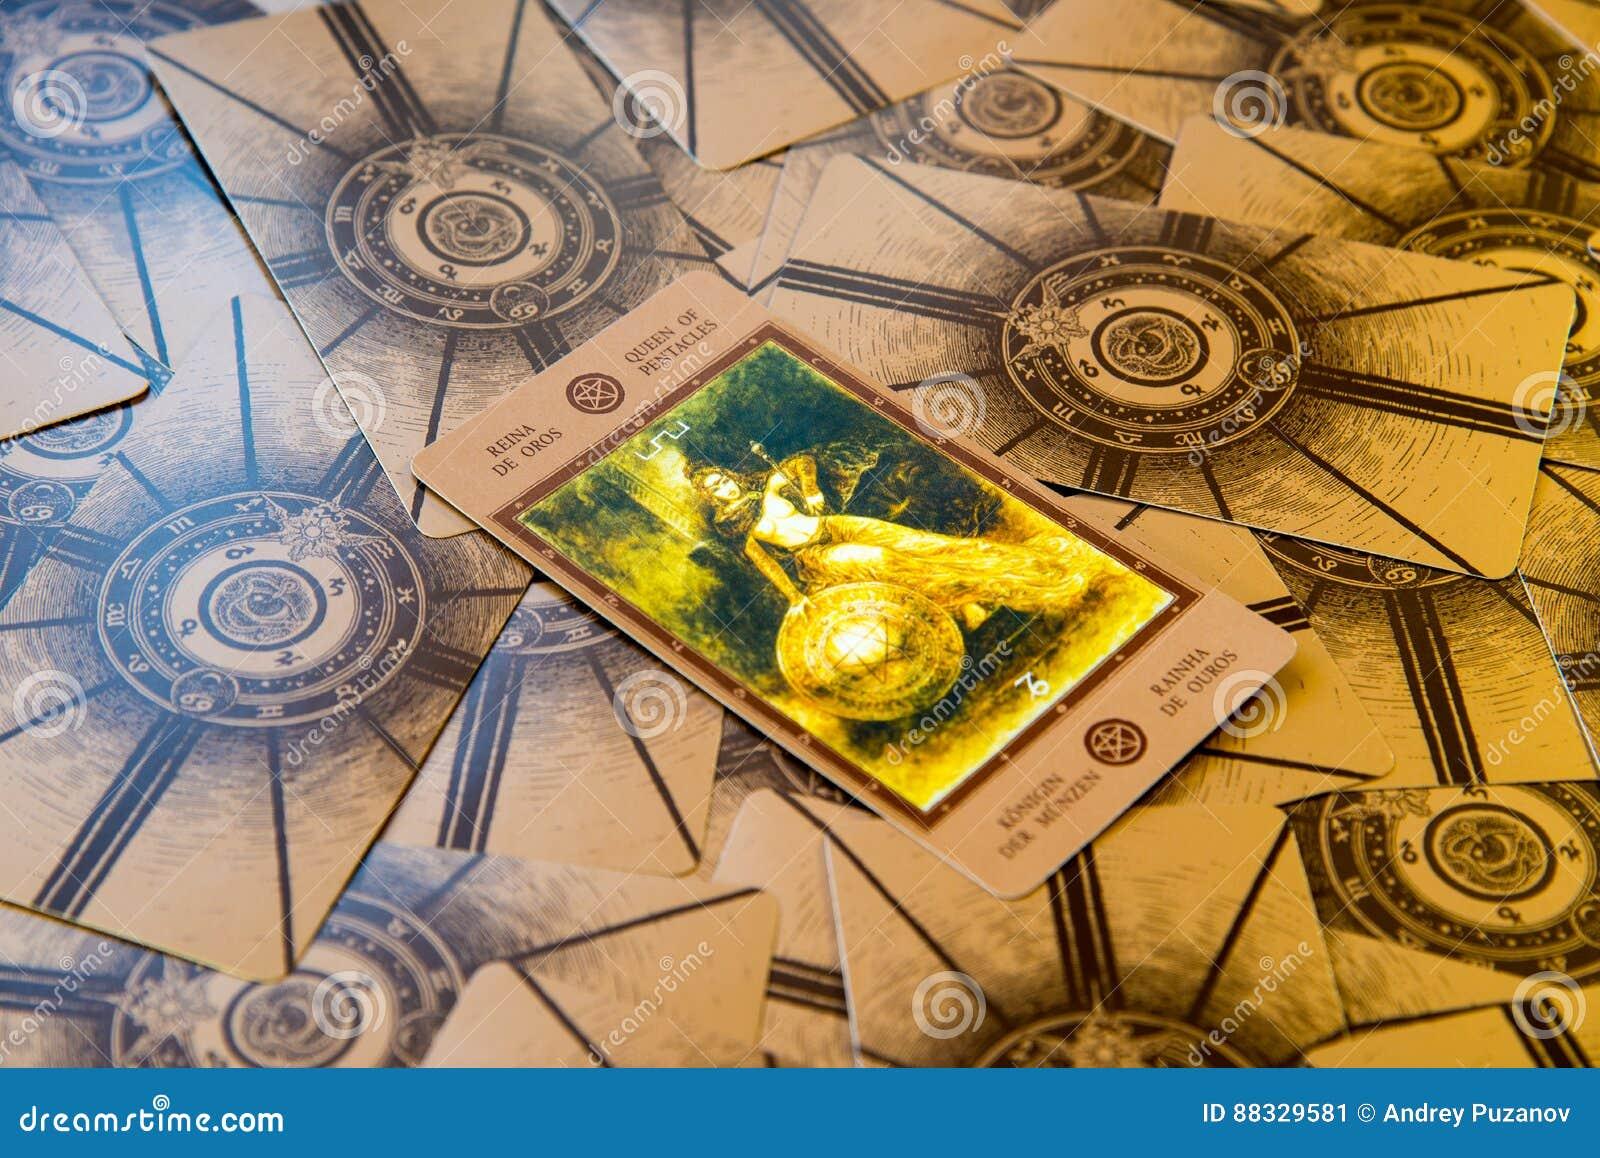 Carta De Tarot Qeen De Pentáculos Cubierta Del Tarot De Labirinth ...